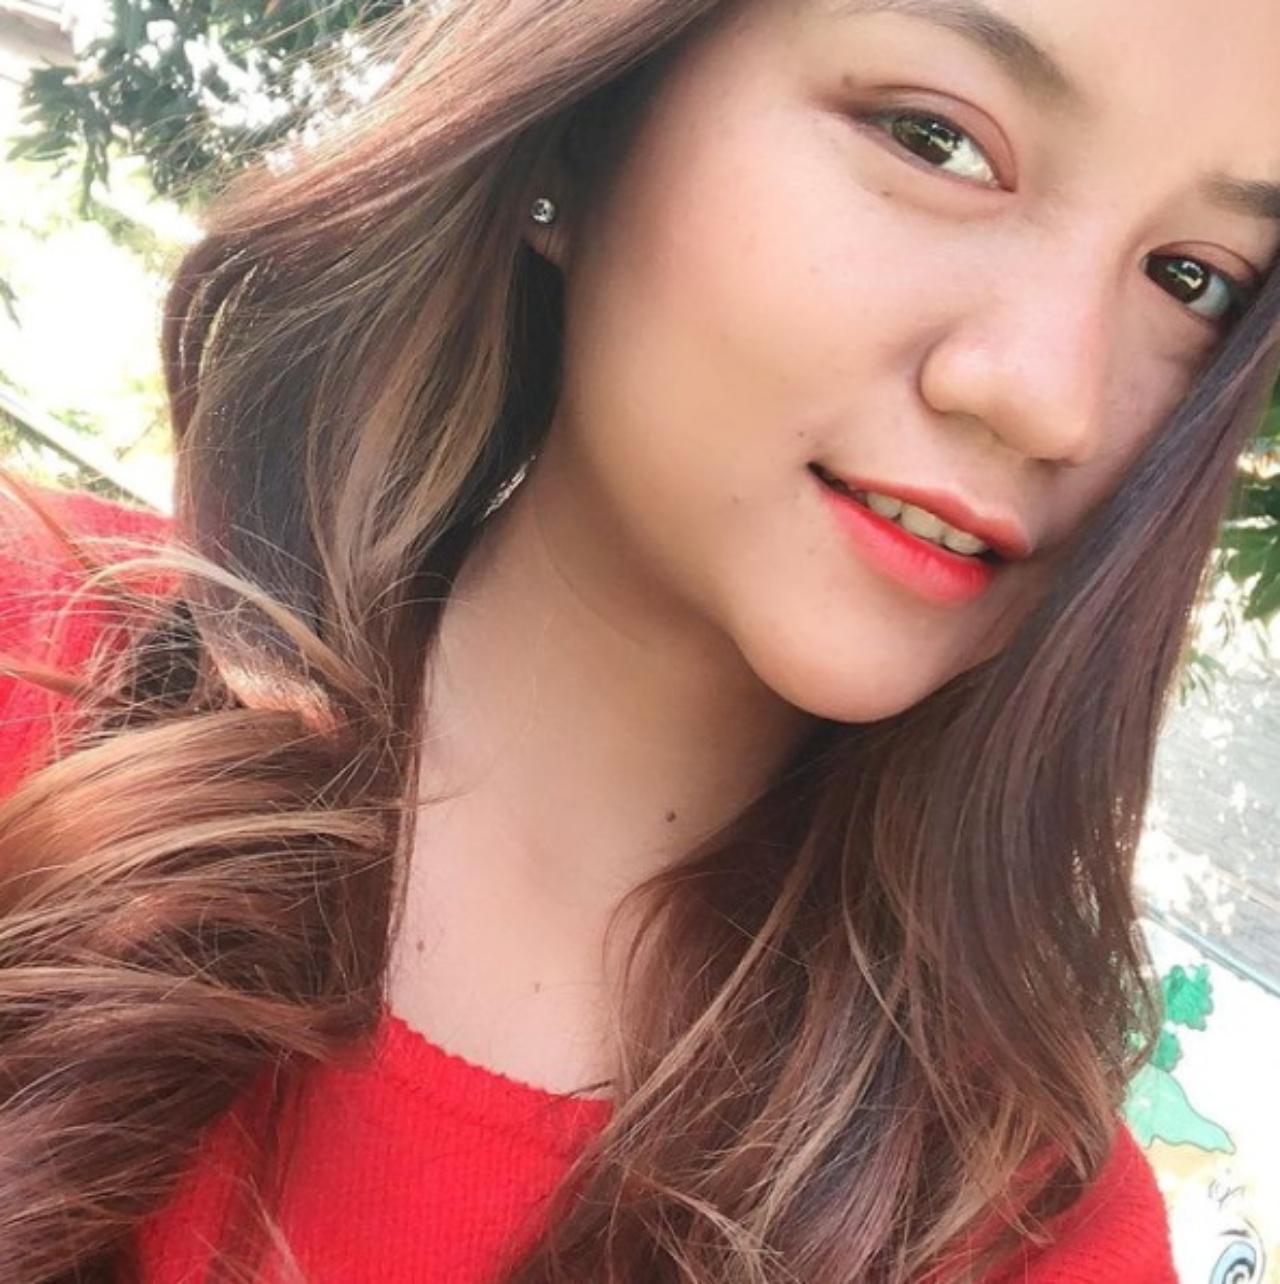 แจ สิ่น หรือ 'แองเจิ้ล' หญิงสาวชาวเมียนมาวัย 19 เสียชีวิตขณะร่วมม็อบต้านรัฐประหาร